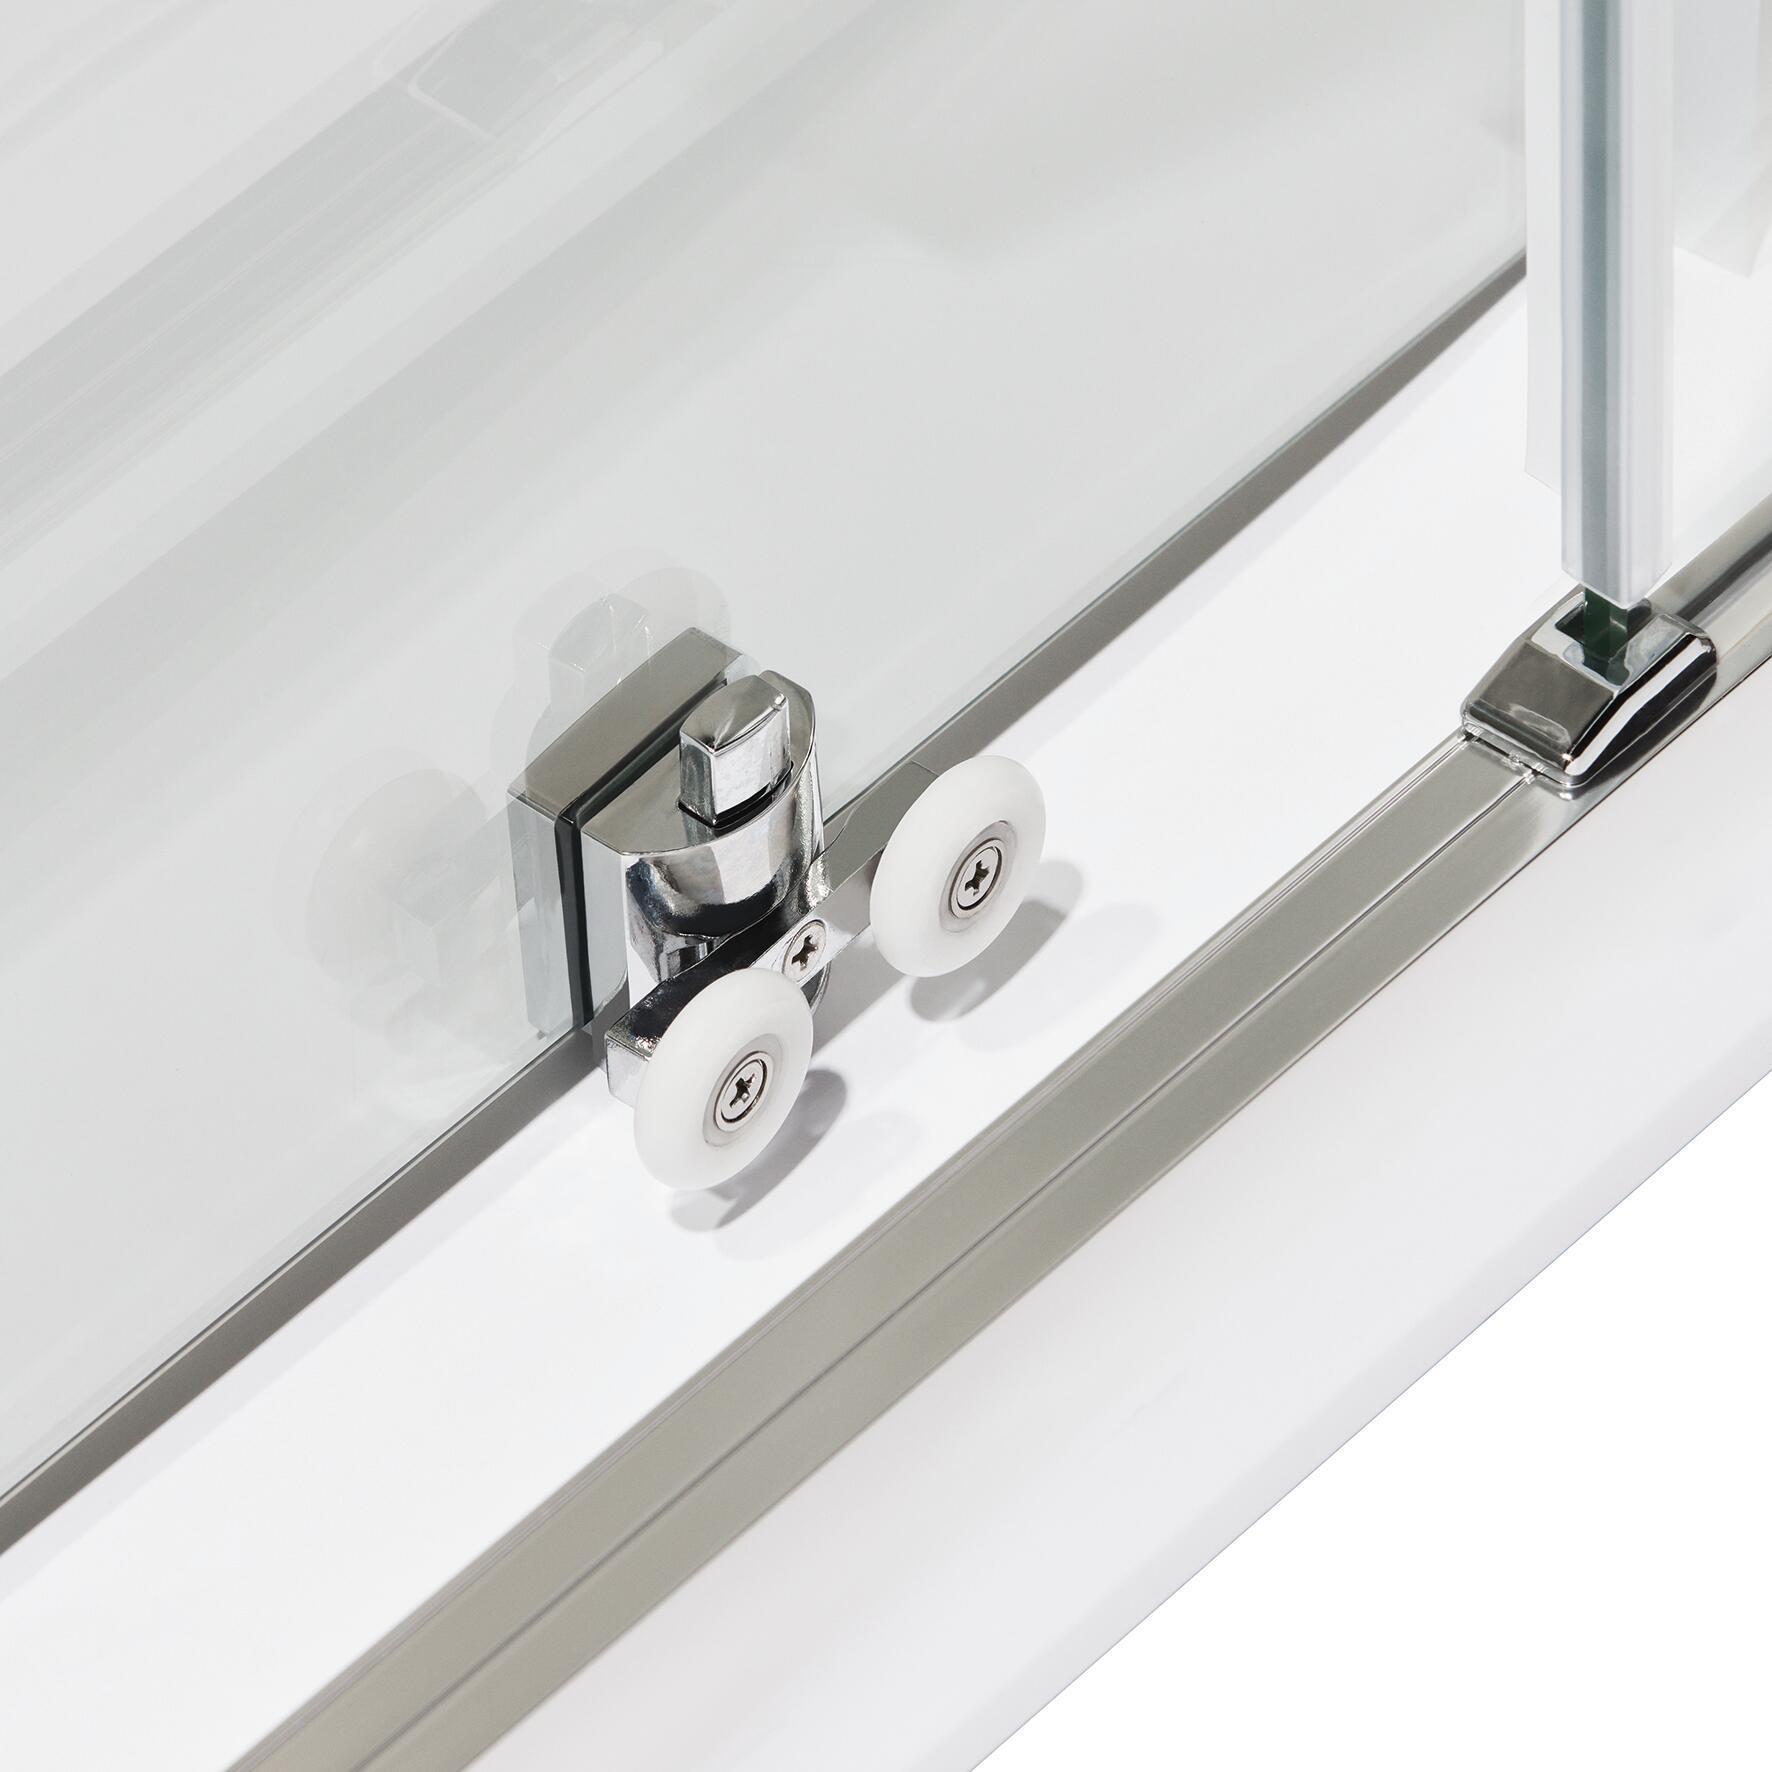 Box doccia rettangolare scorrevole Quad 80 x 100 cm, H 190 cm in vetro temprato, spessore 6 mm serigrafato argento - 4